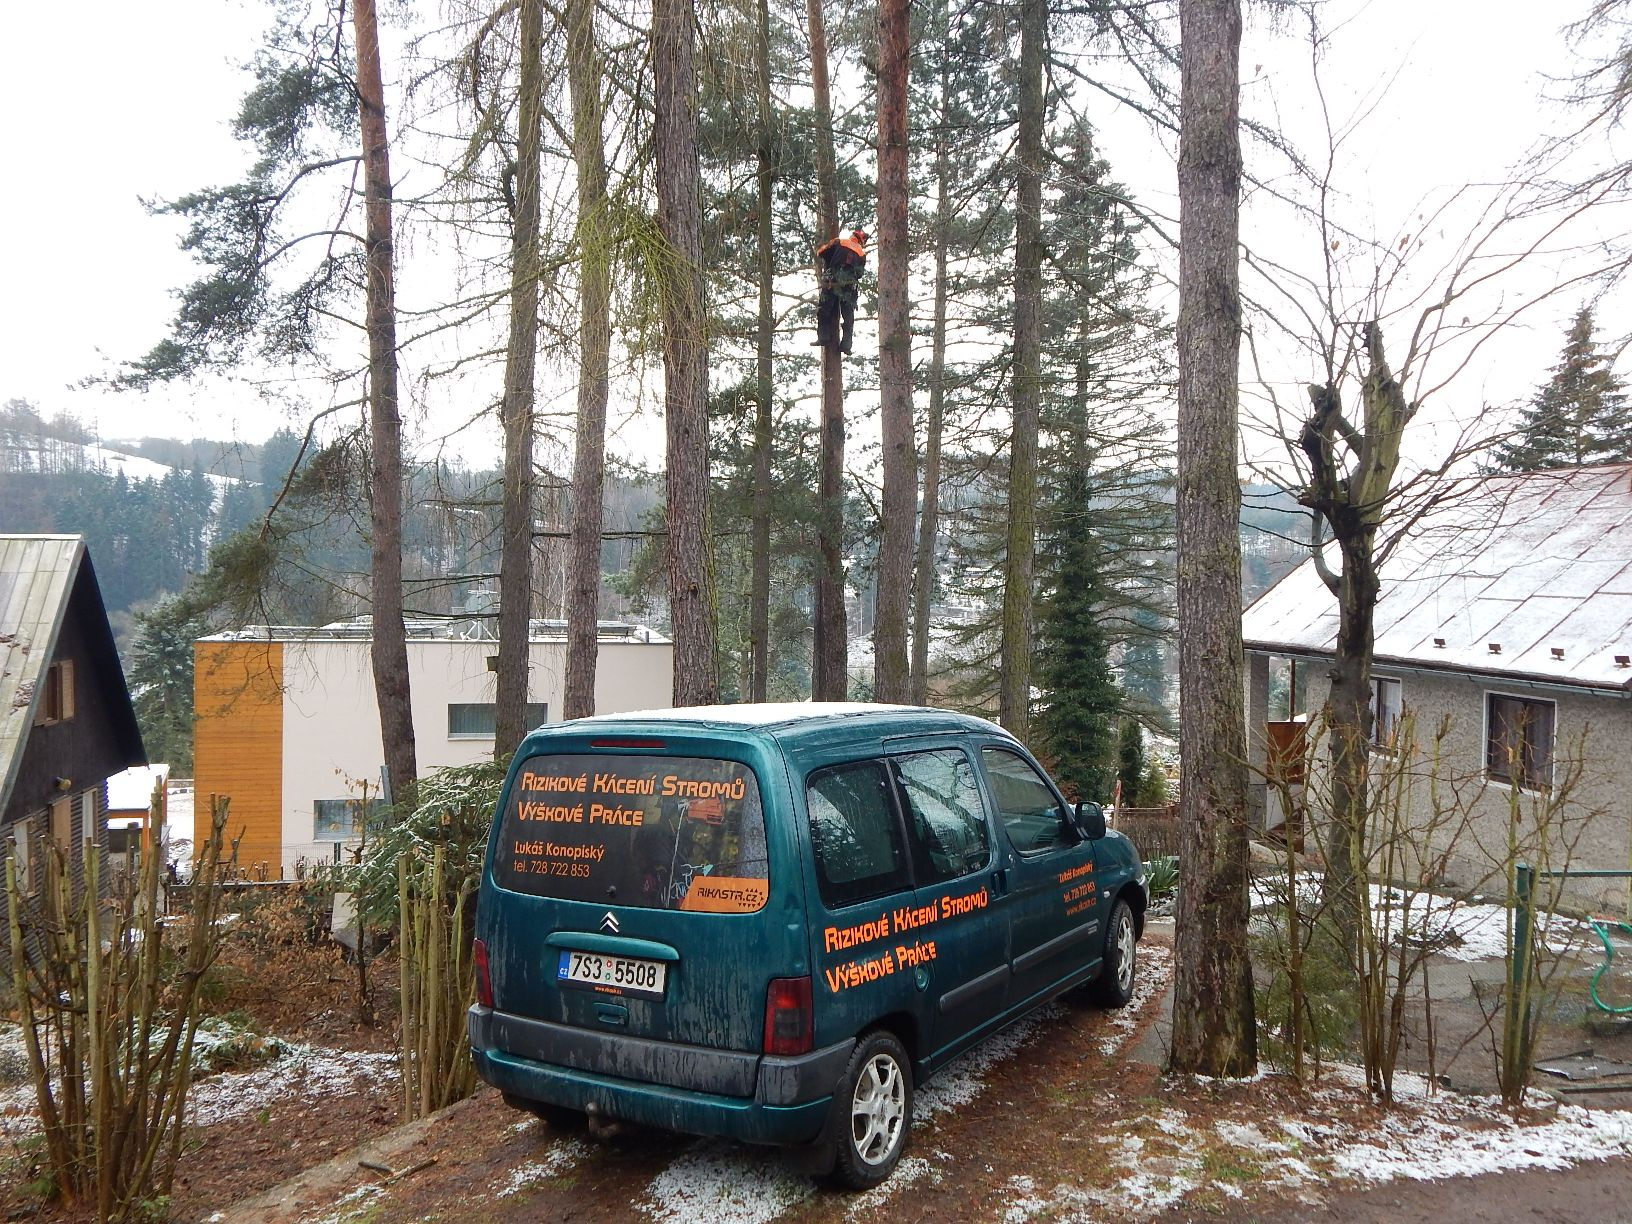 rizikové-kácení-stromu